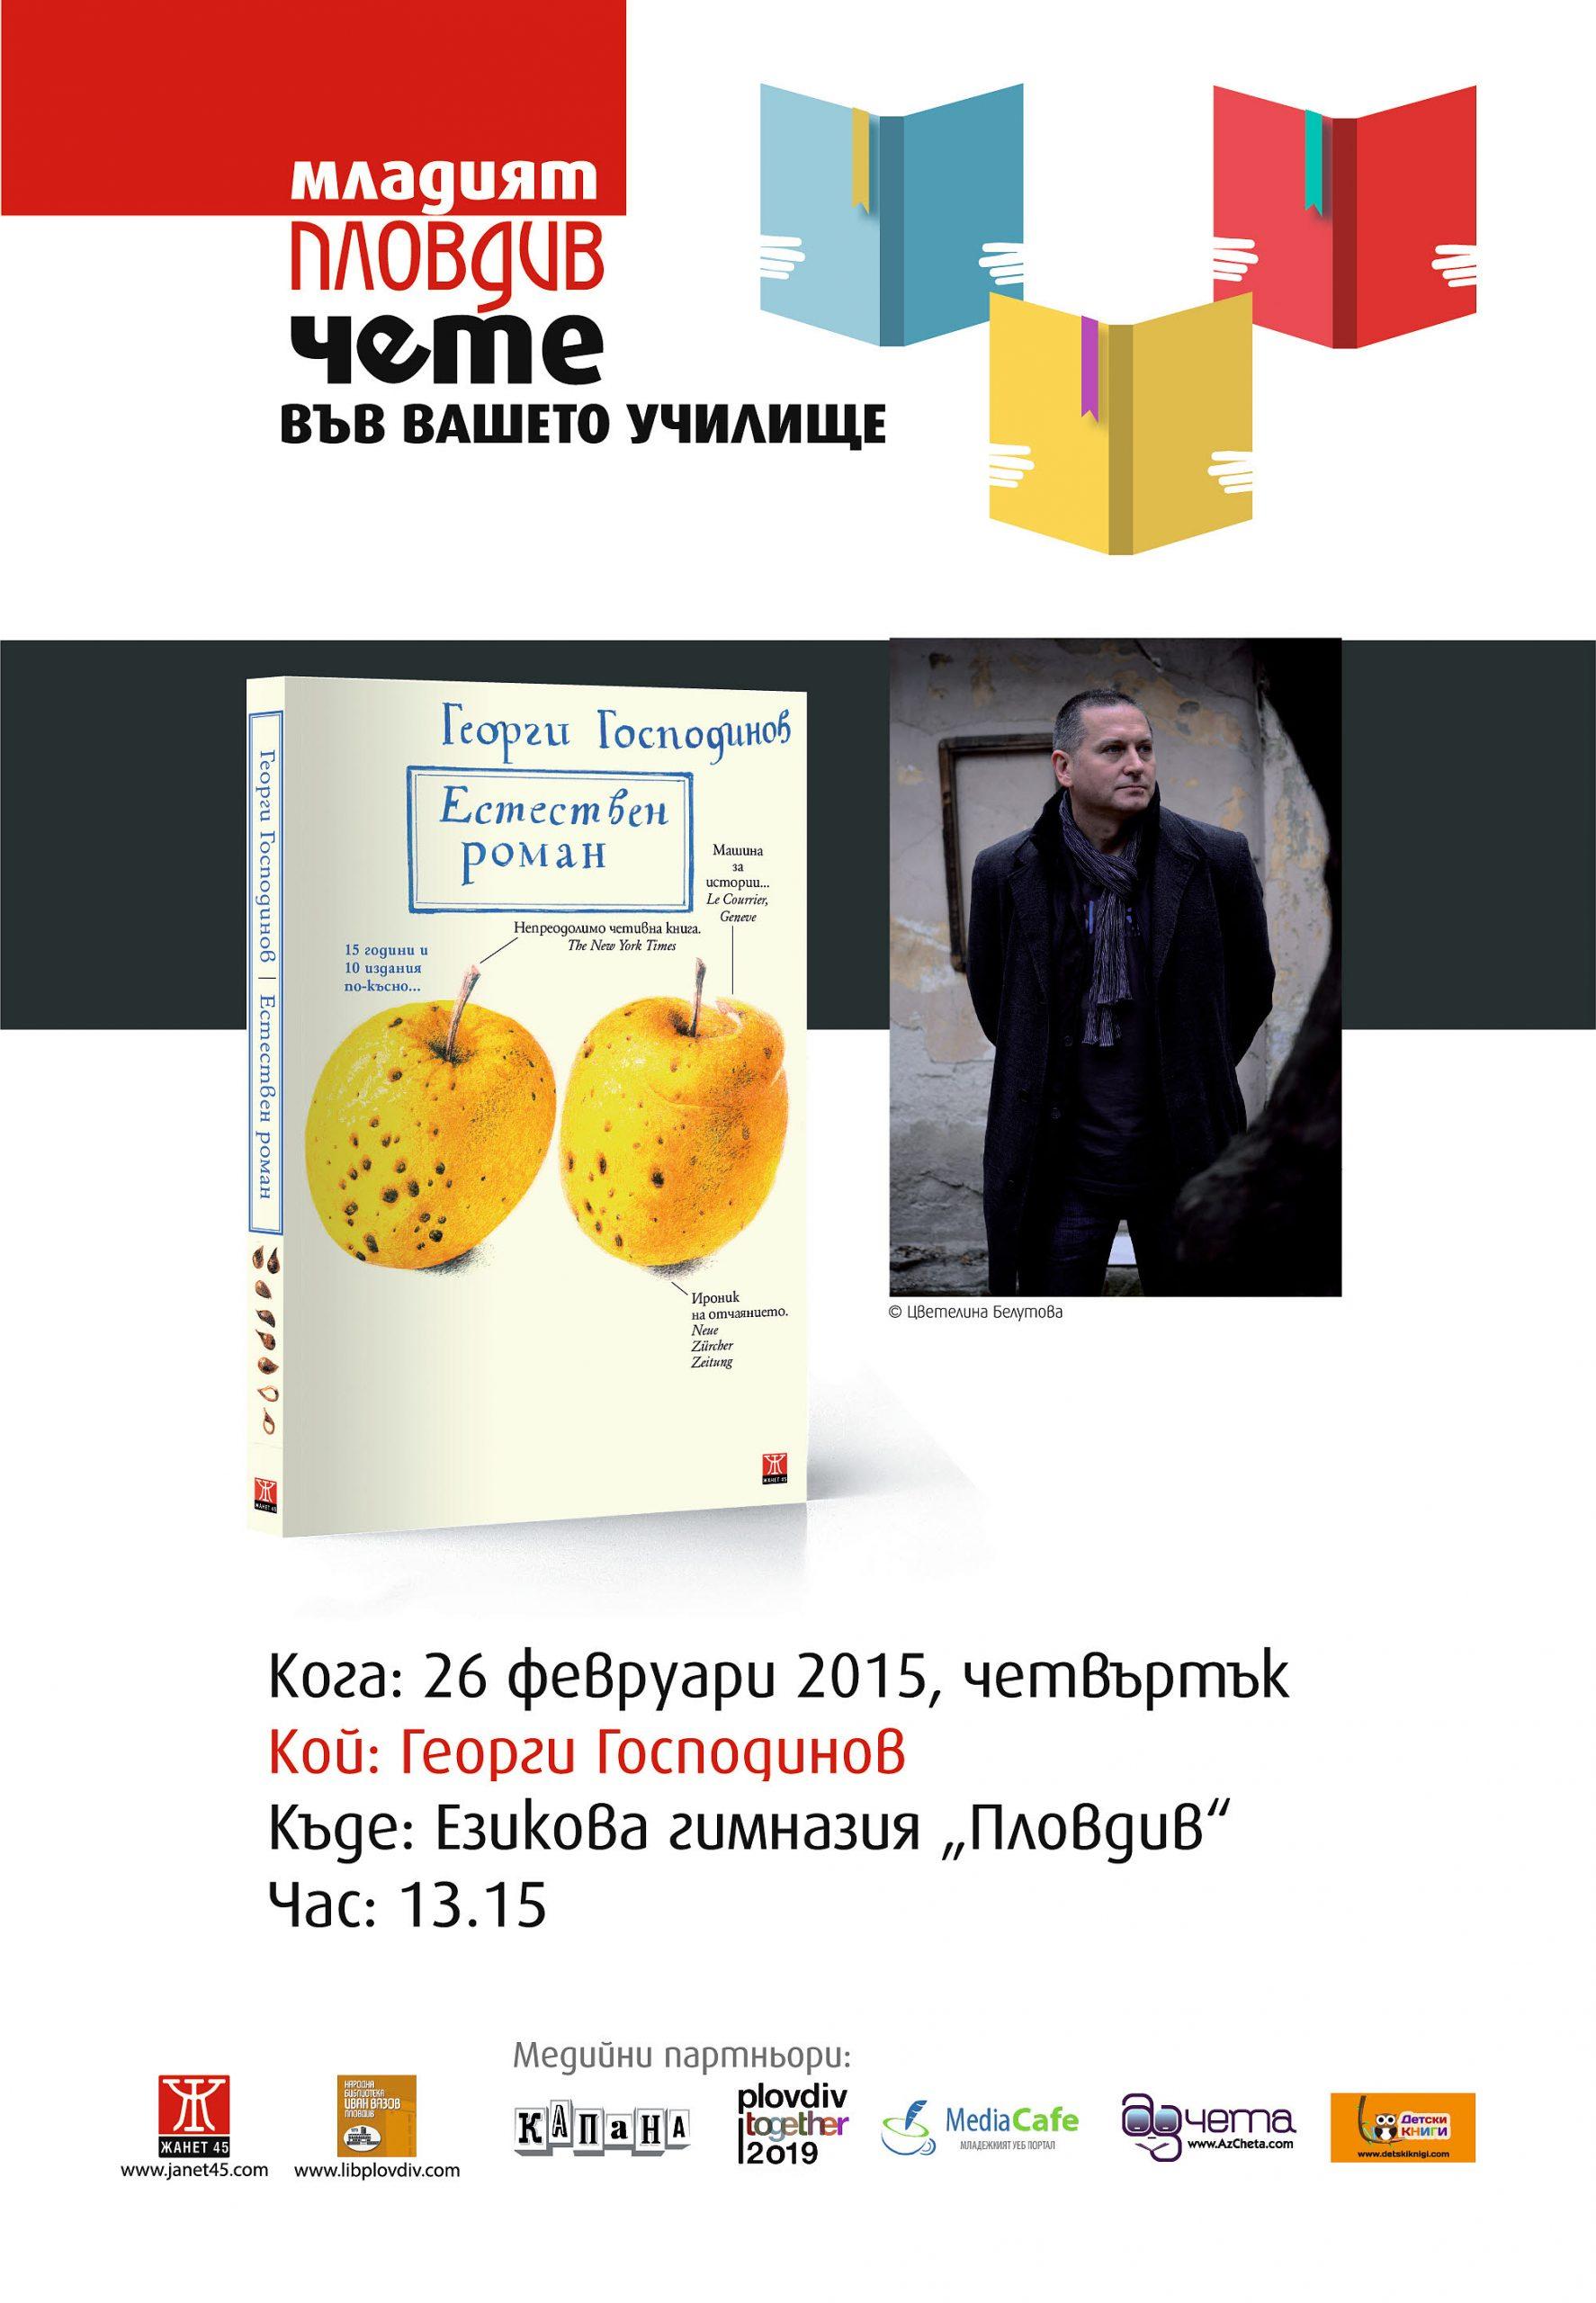 """Младият Пловдив чете във вашето училище - Езикова гимназия """"Пловдив"""" и ВУАРР"""